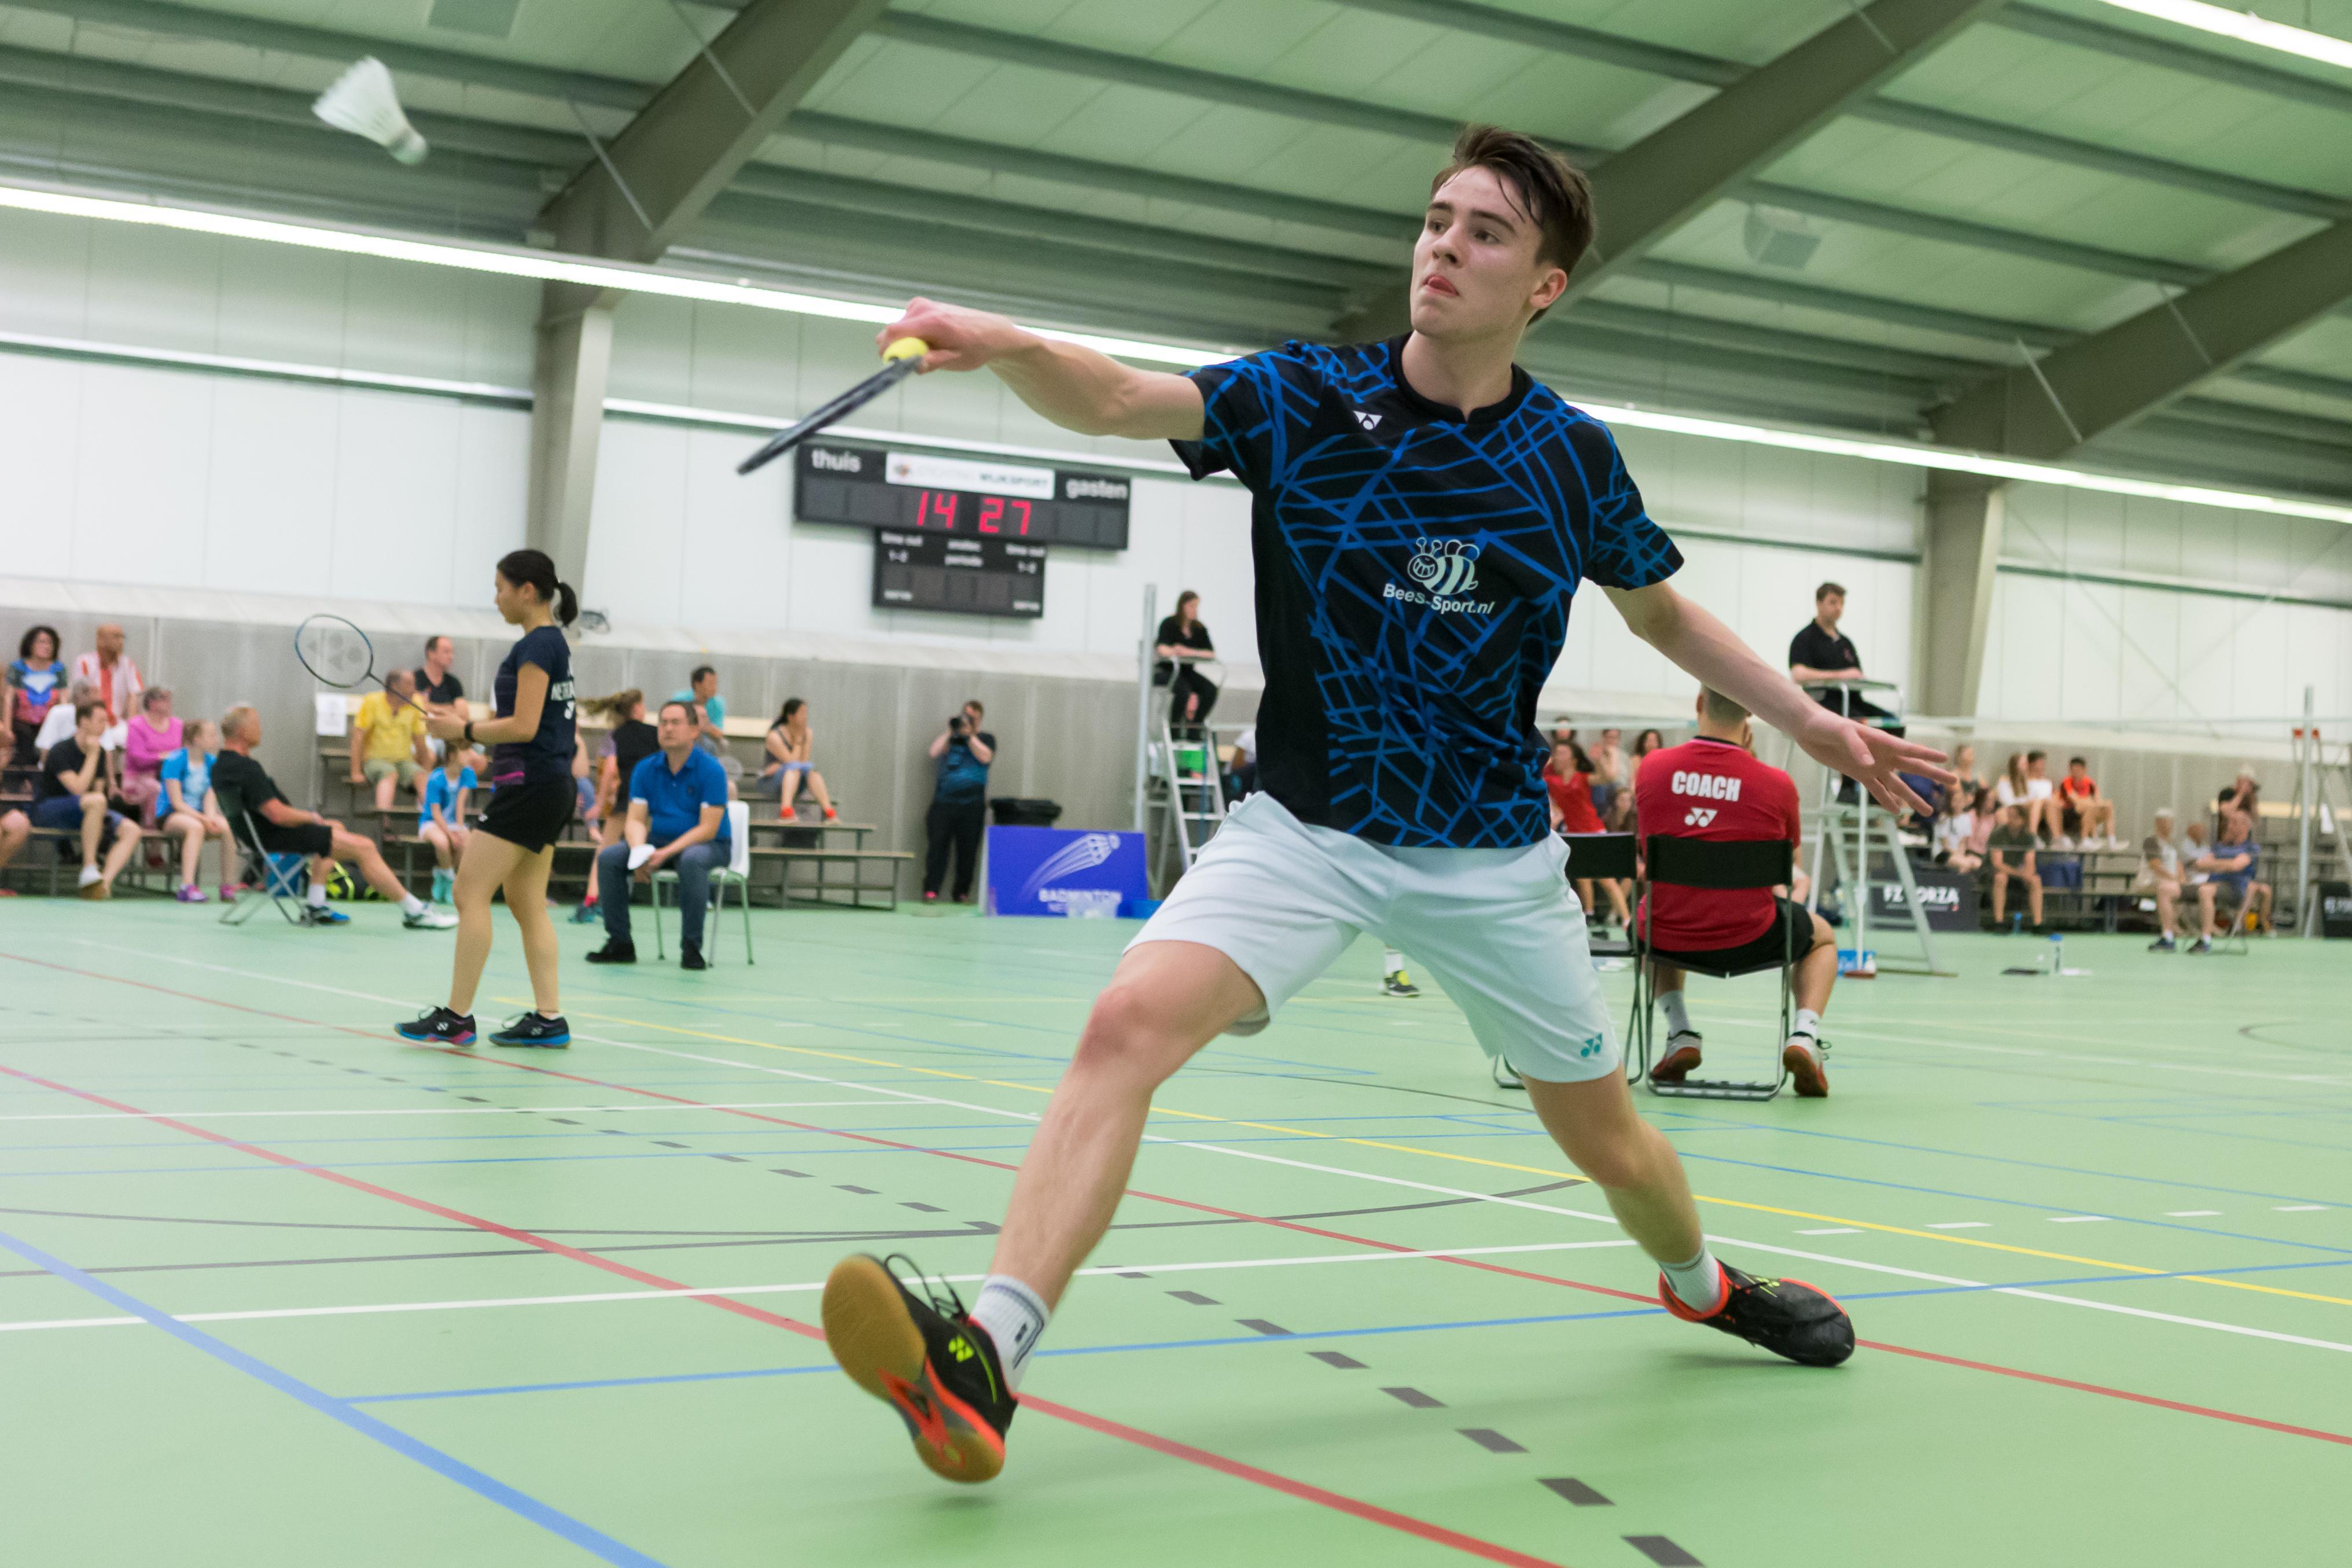 Badmintonner Finn Achthoven naar tweede Jeugd WK: Hopen op een gunstige loting